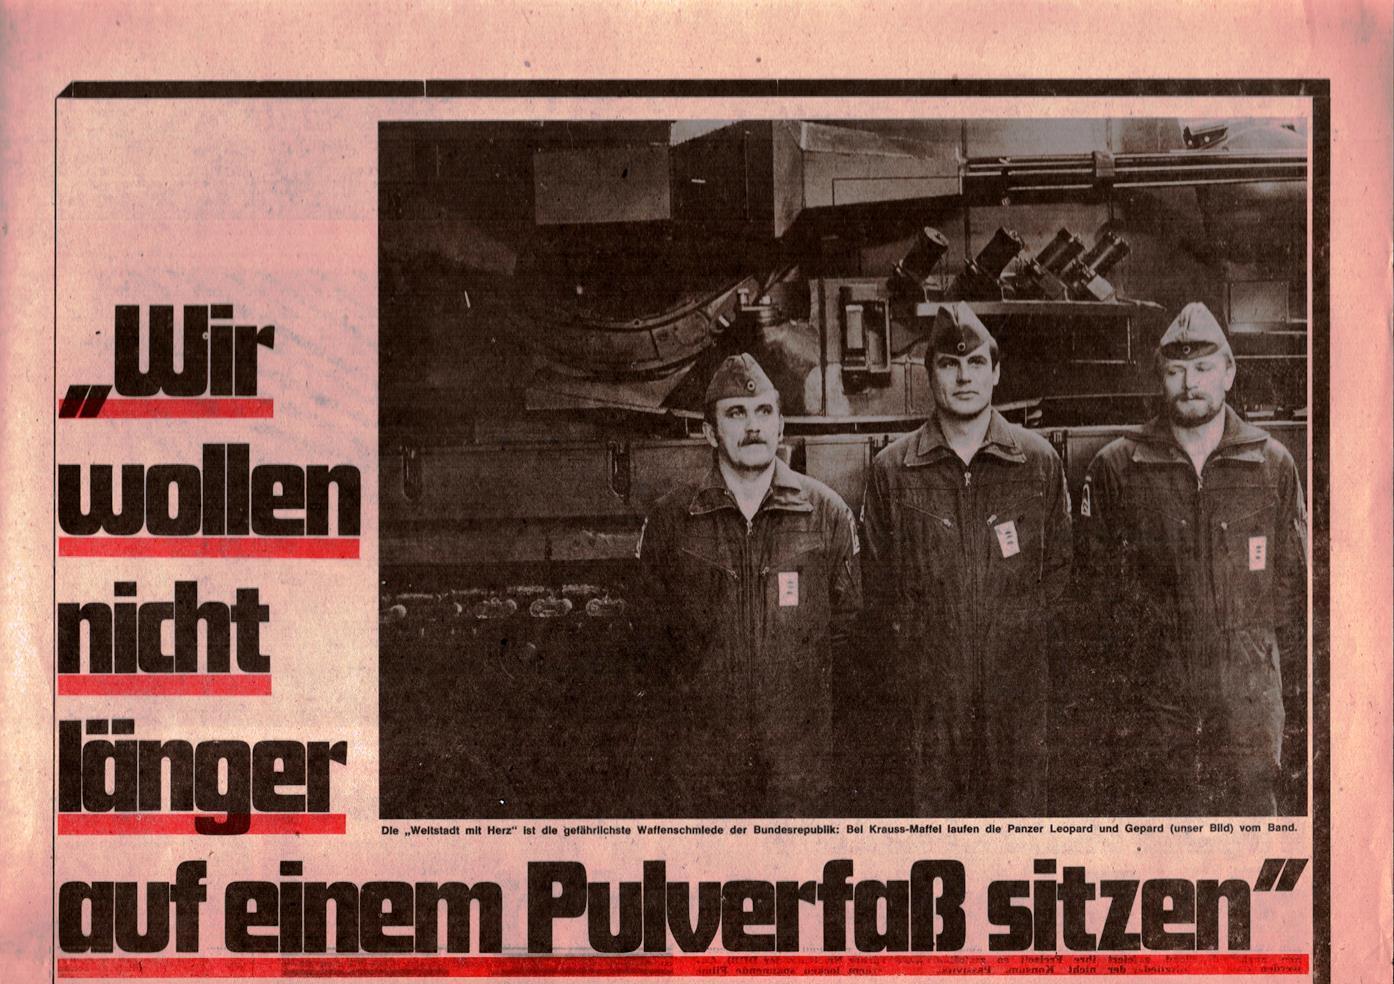 Muenchen_DKP_Neues_Muenchen_19770500_005_005